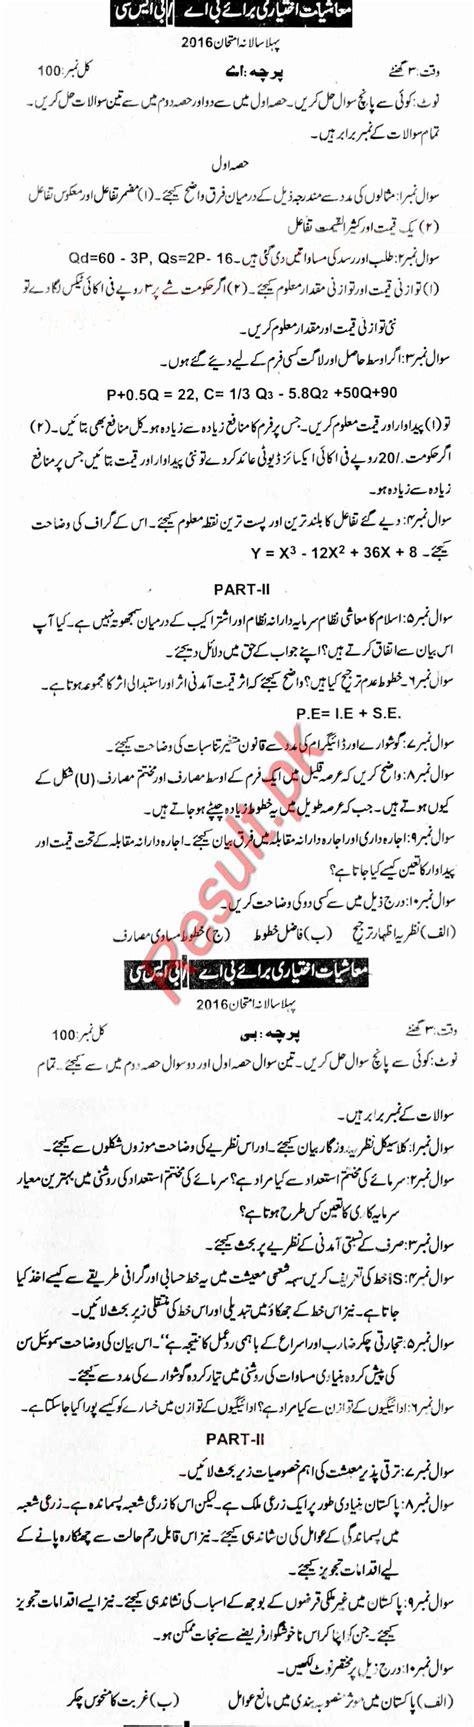 classnotes urdu  fbise  paper